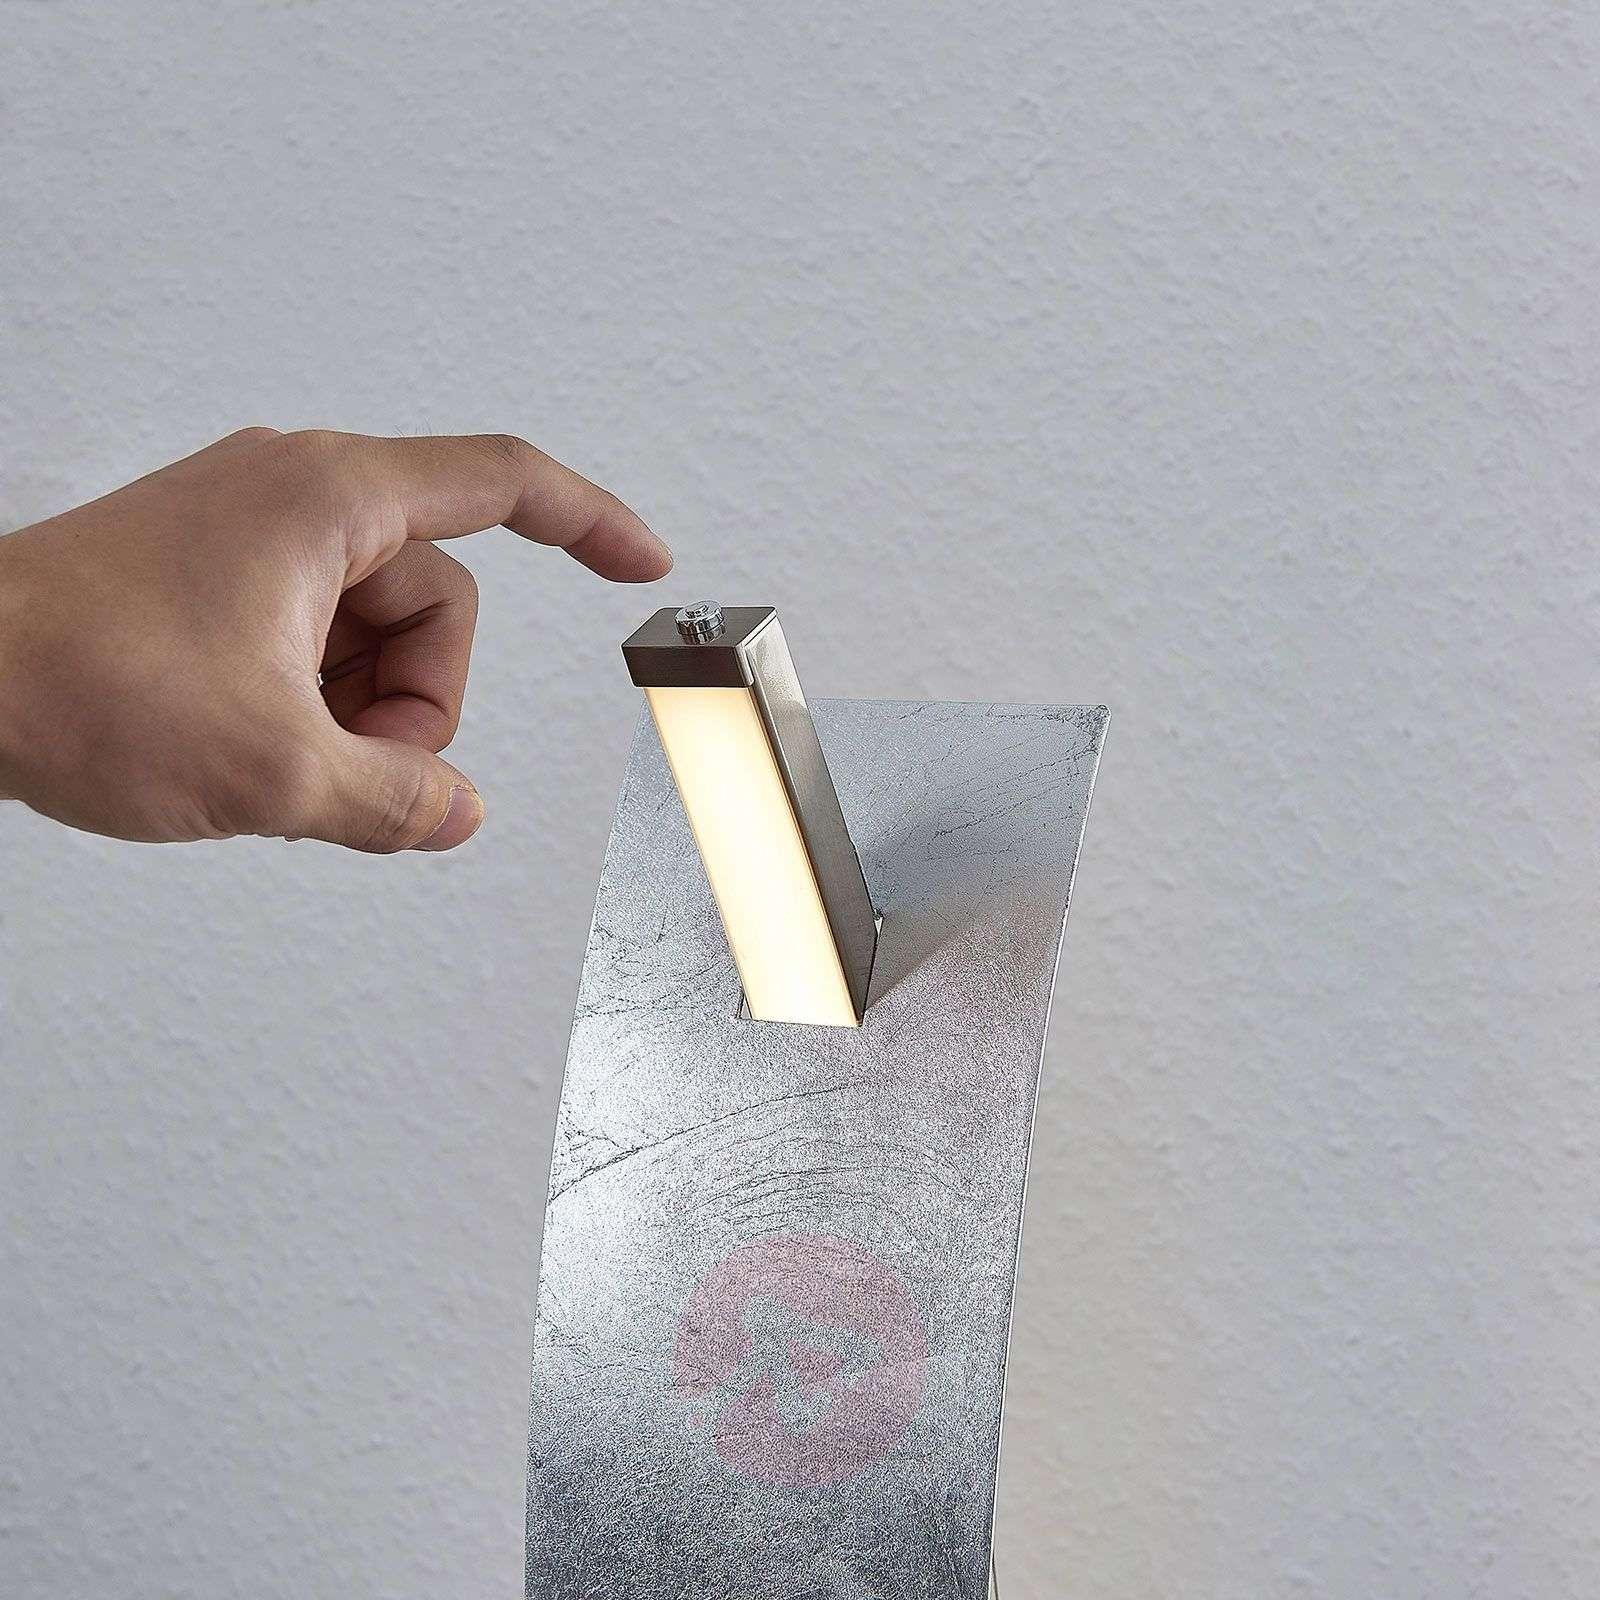 LED-pöytävalaisin Marija, hopeanvärinen-9639120-01